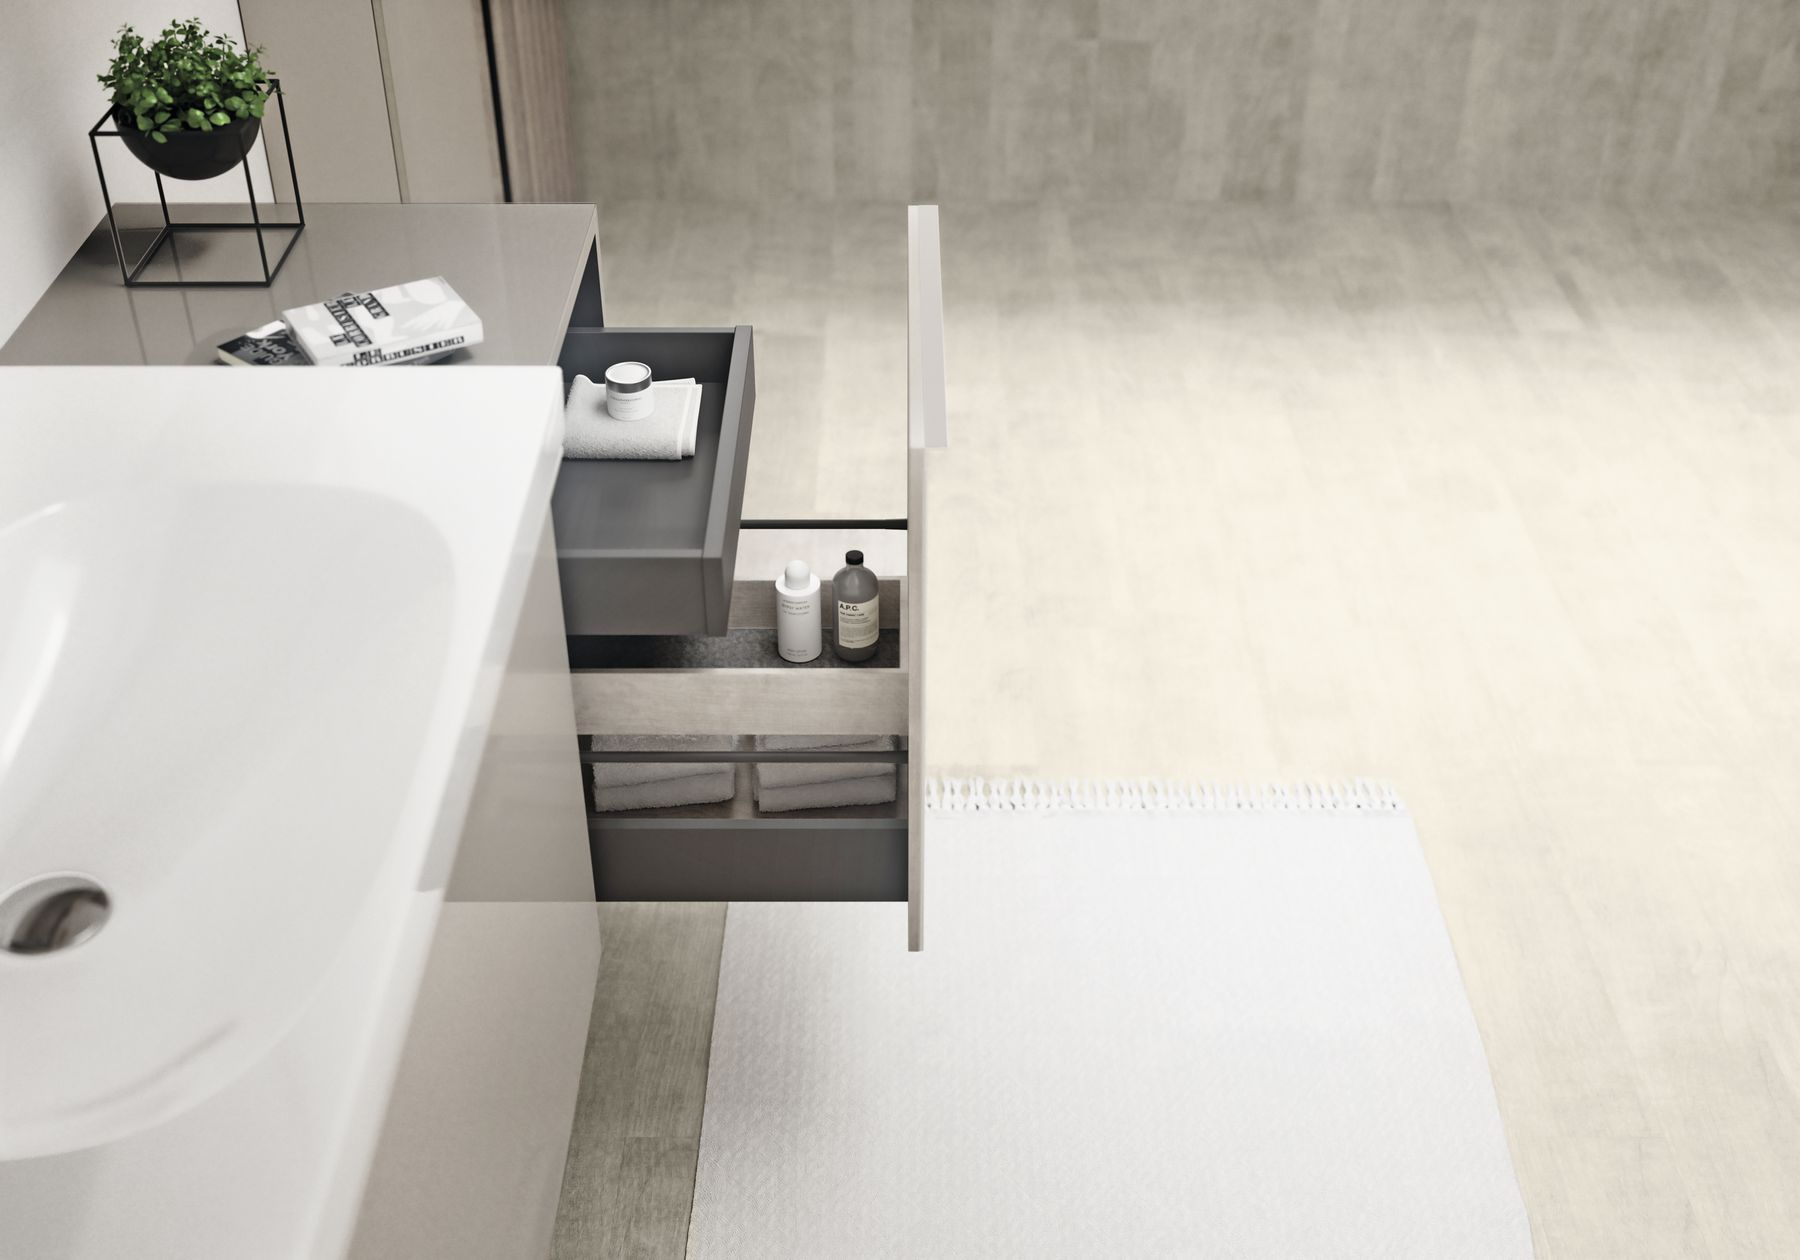 Sphinx badkamerserie Acanto - Product in beeld - Startpagina voor ...